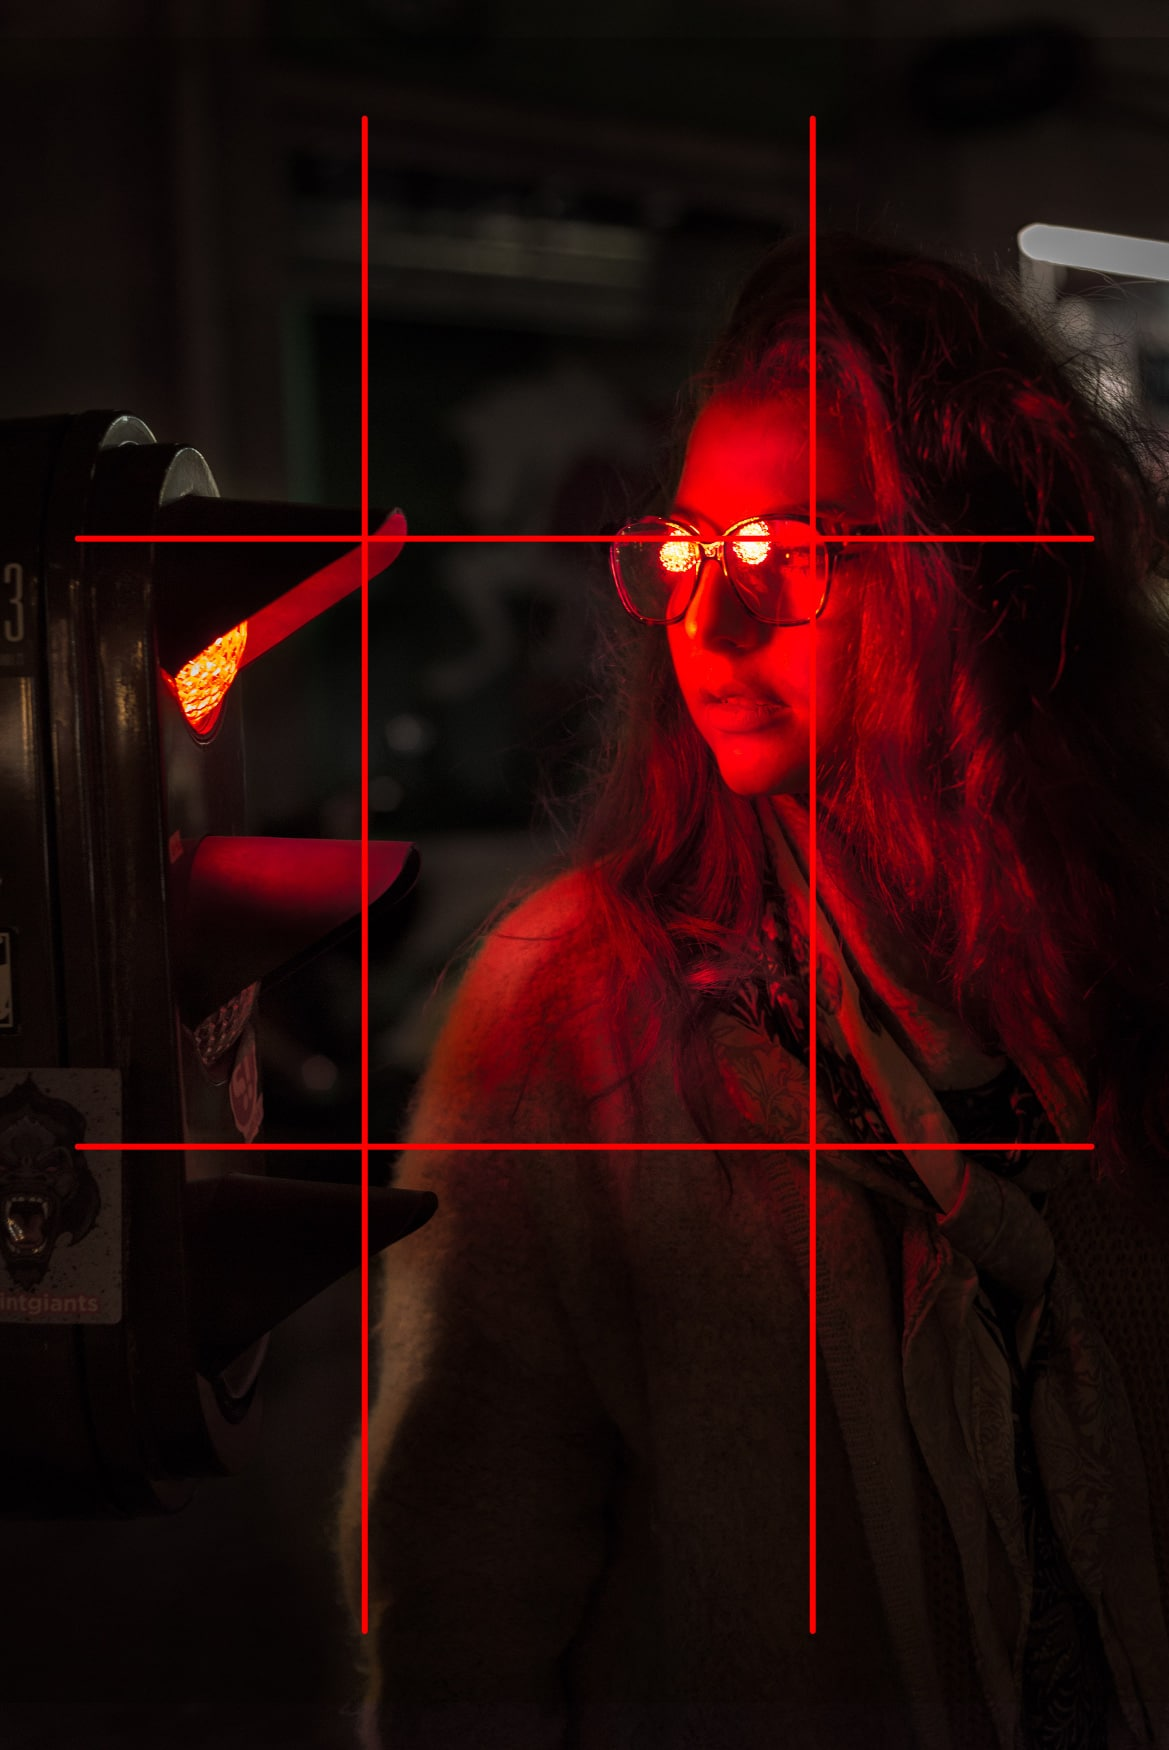 """Portrait de femme street - Image illustrant l'article """"Travailler la composition avec la règle des tiers"""" - La Photo clic par clic"""